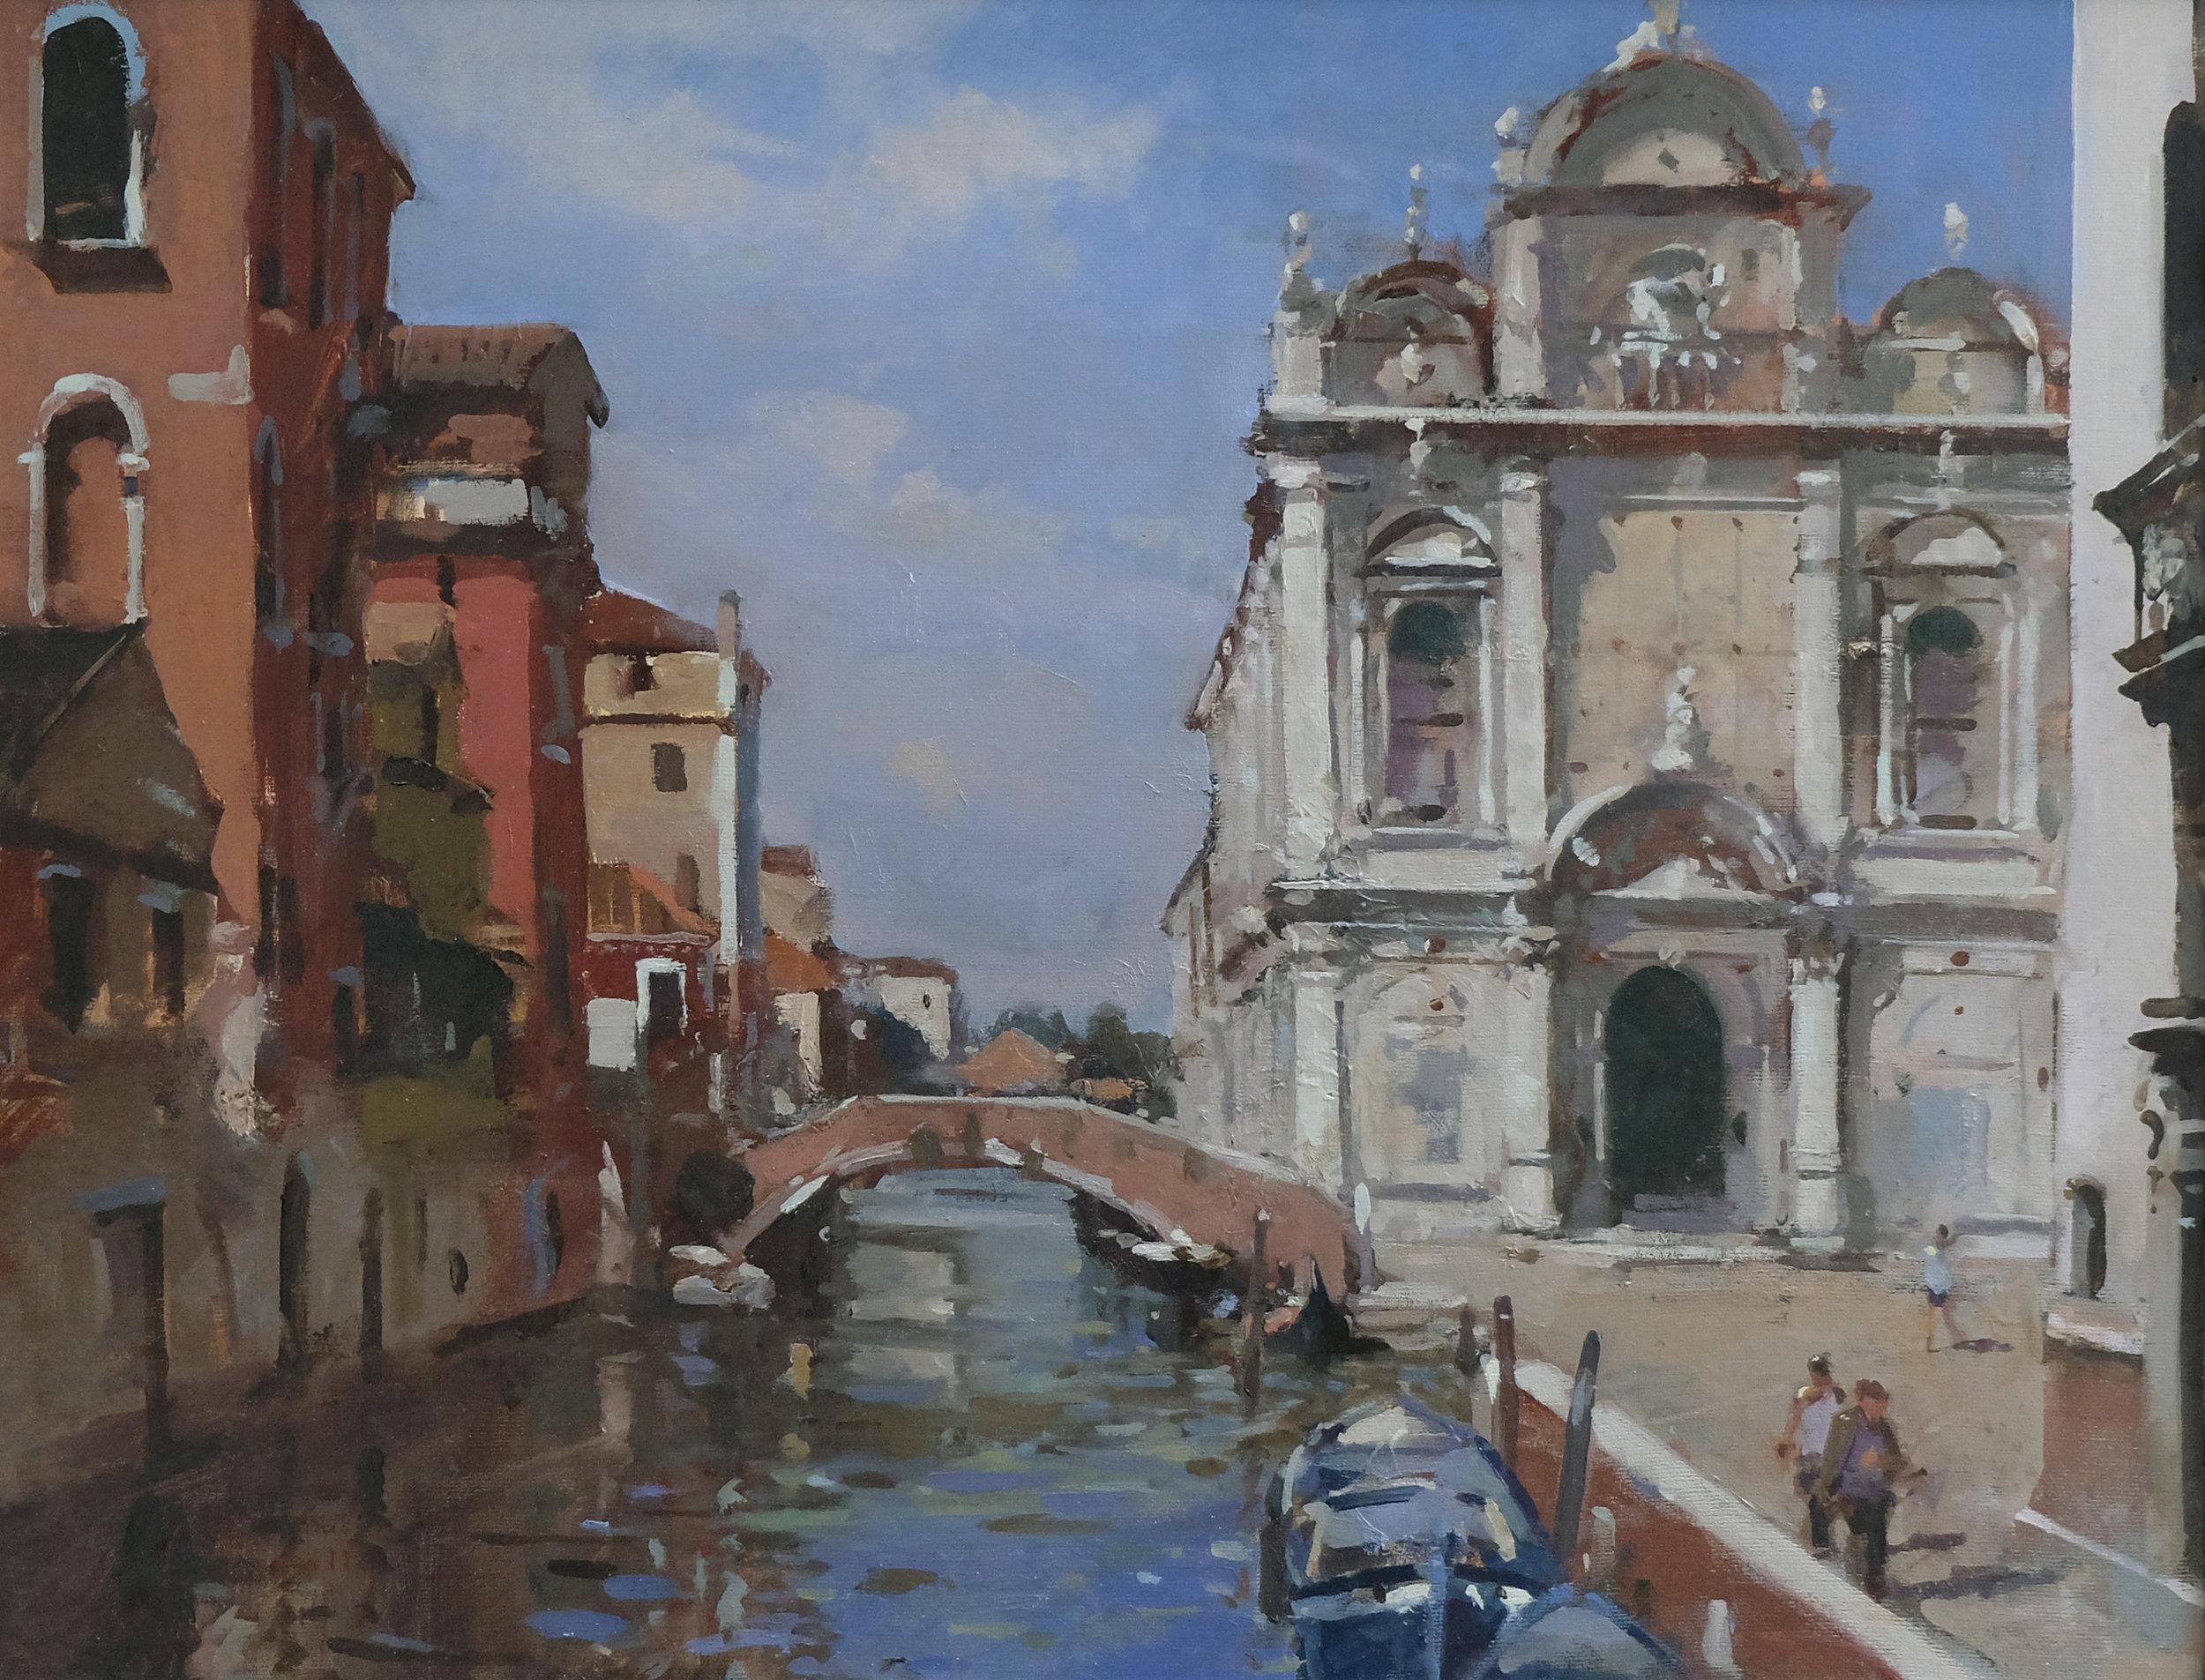 San Zanipolo, Venice - Reference: BM/14257Oil, 44x60cm (unframed)£2,850